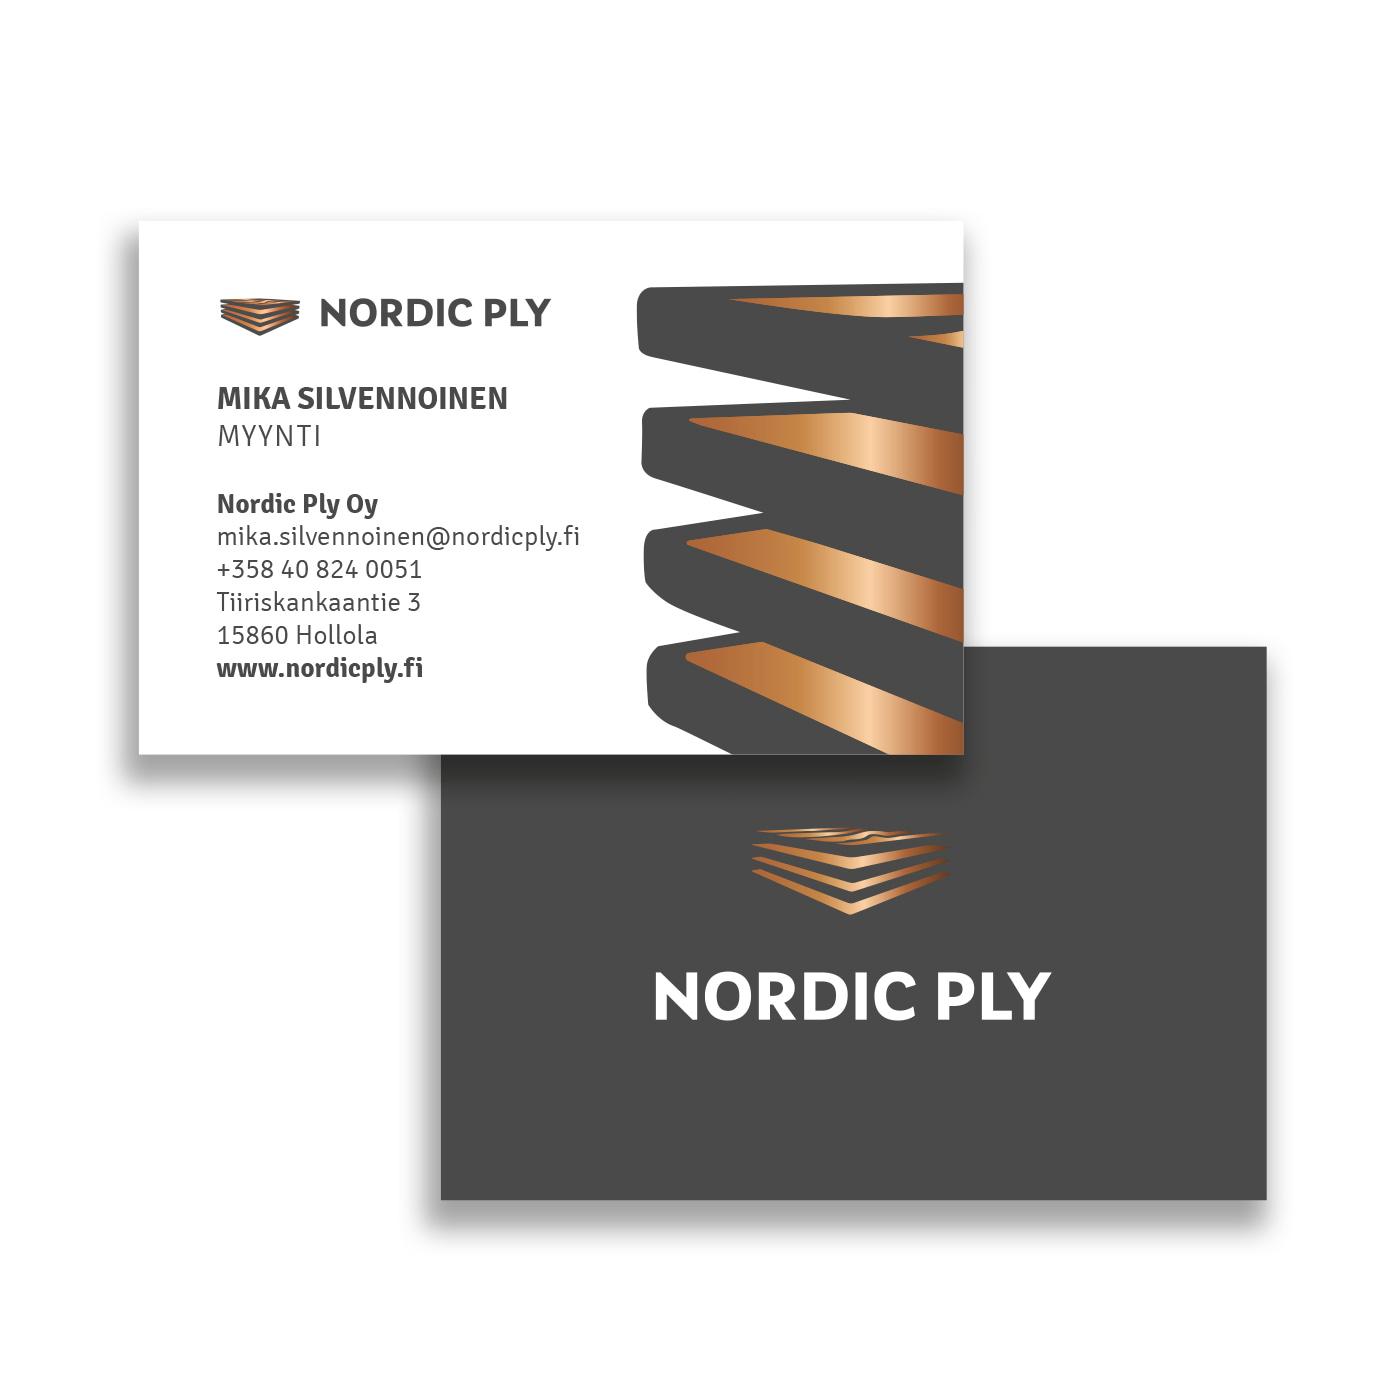 Nordic Ply toteutetut käyntikortit